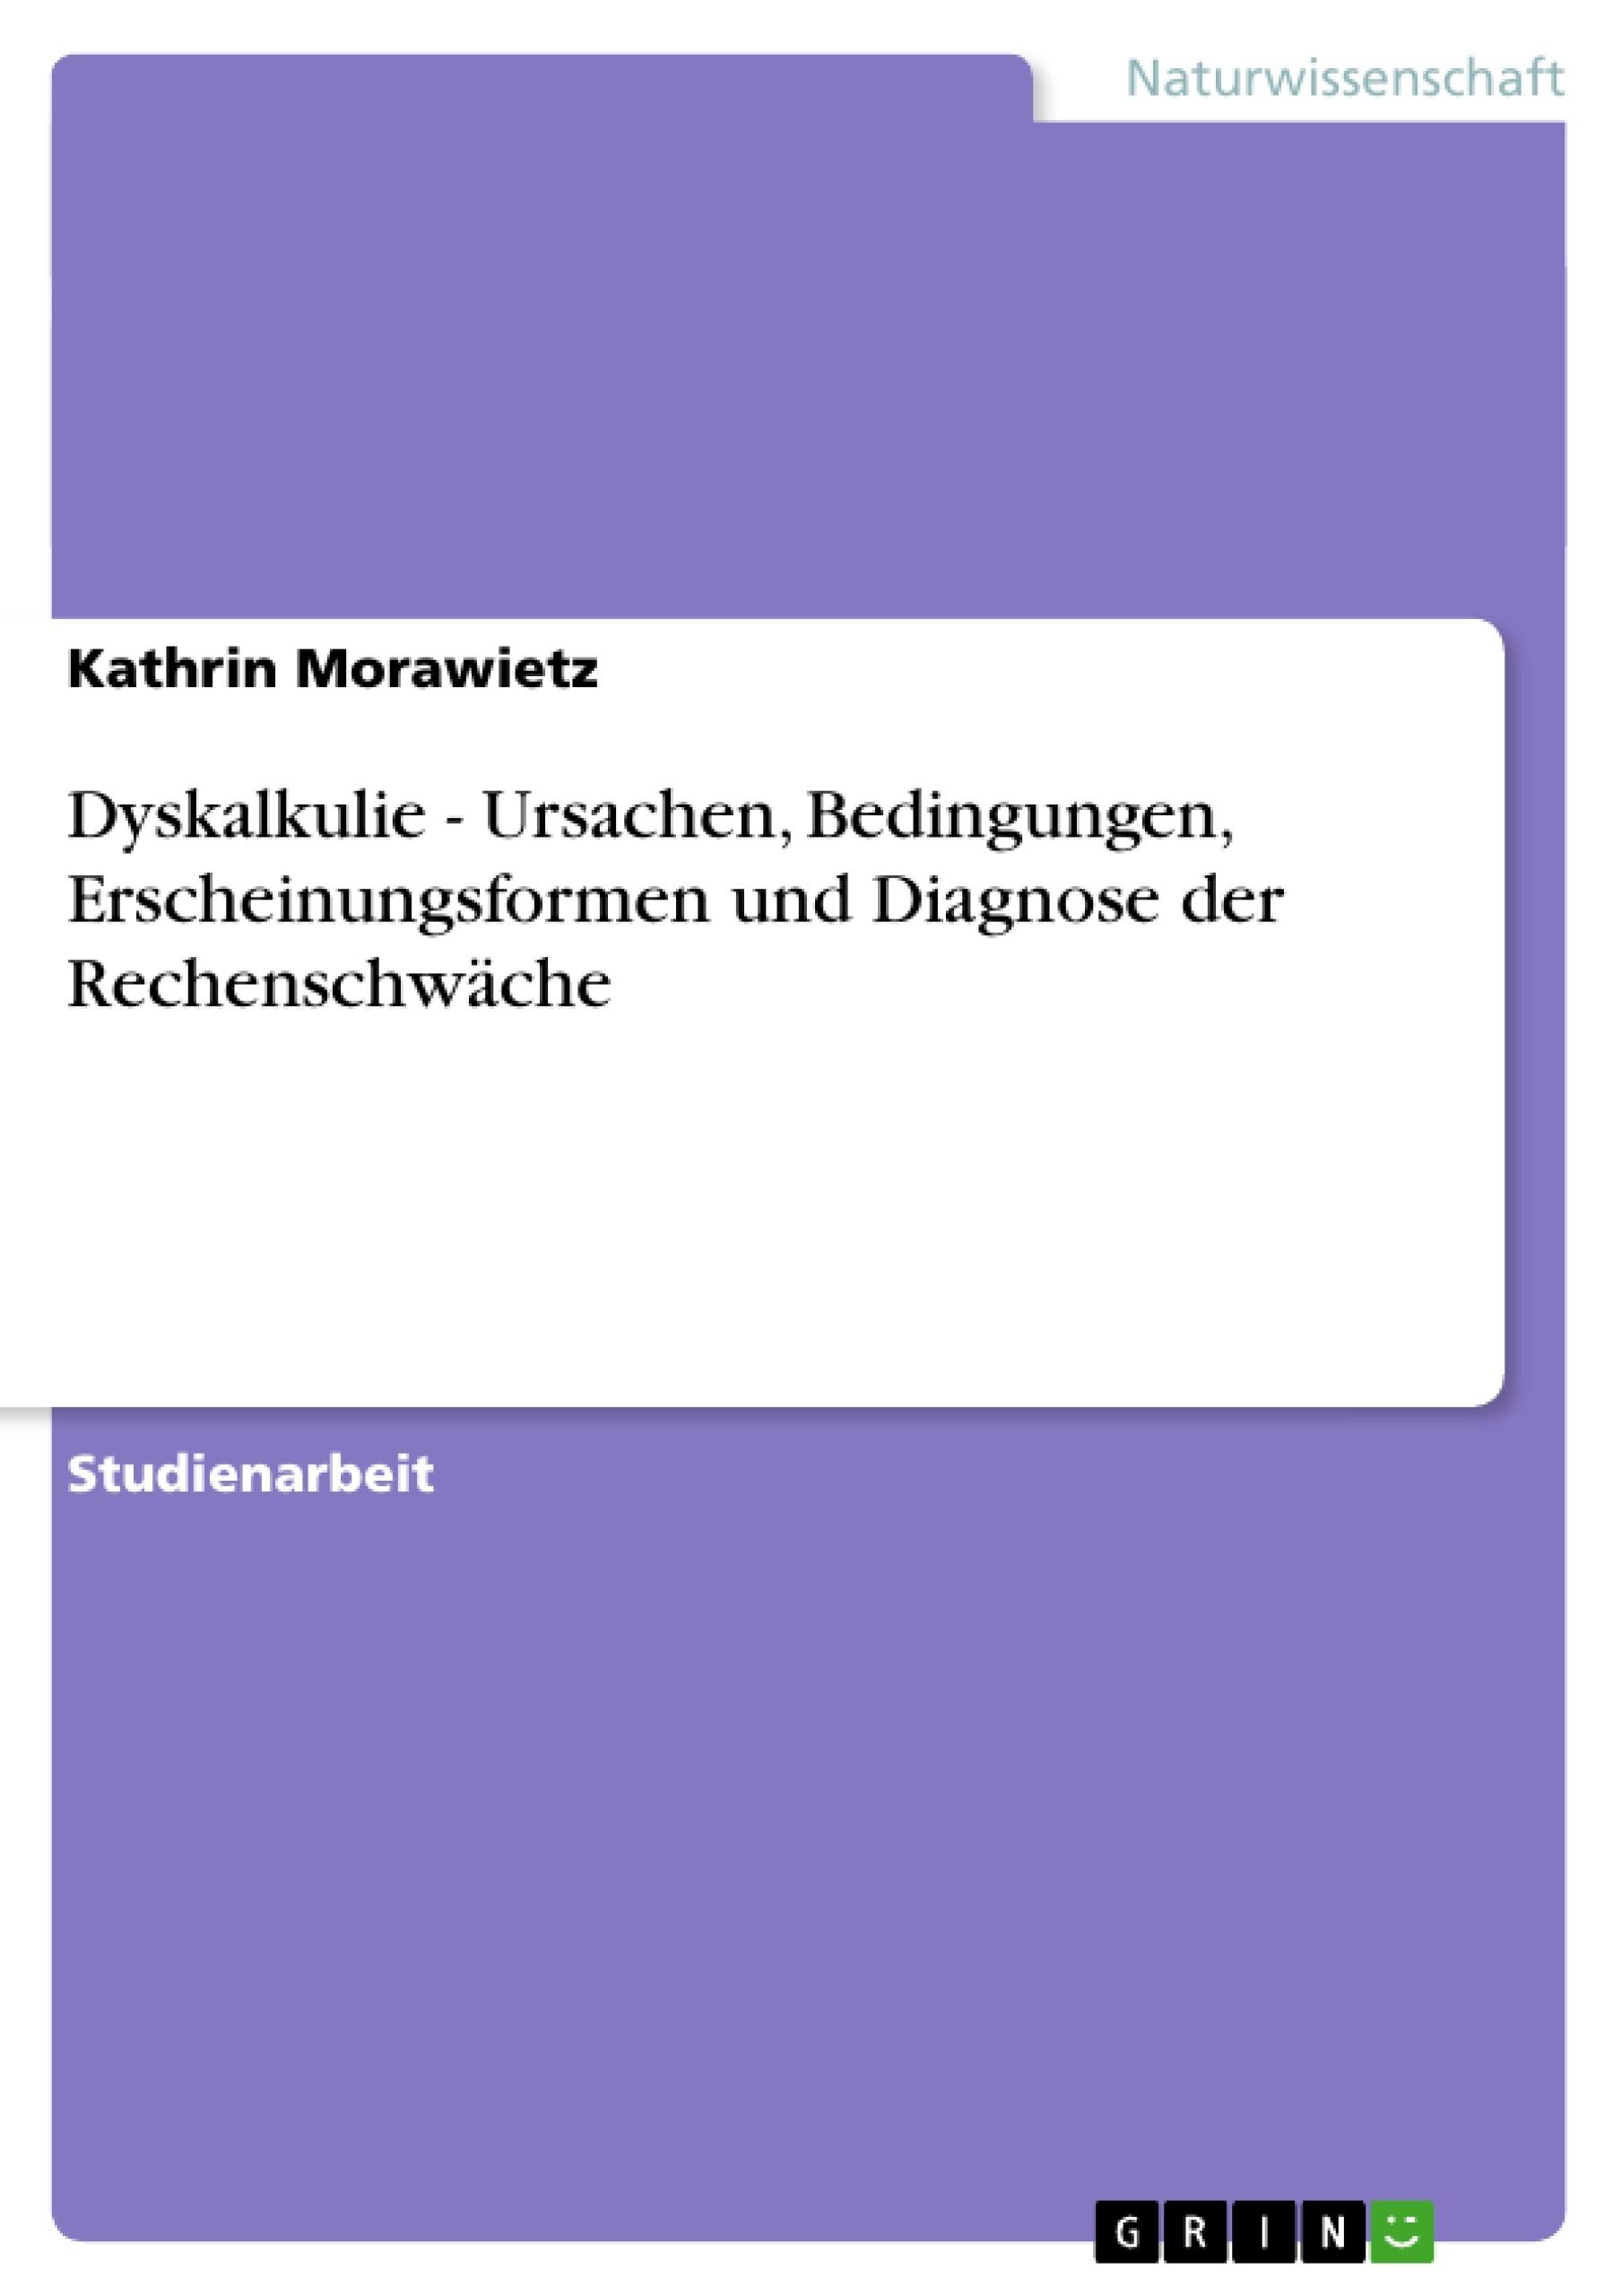 Titel: Dyskalkulie - Ursachen, Bedingungen, Erscheinungsformen und Diagnose der Rechenschwäche